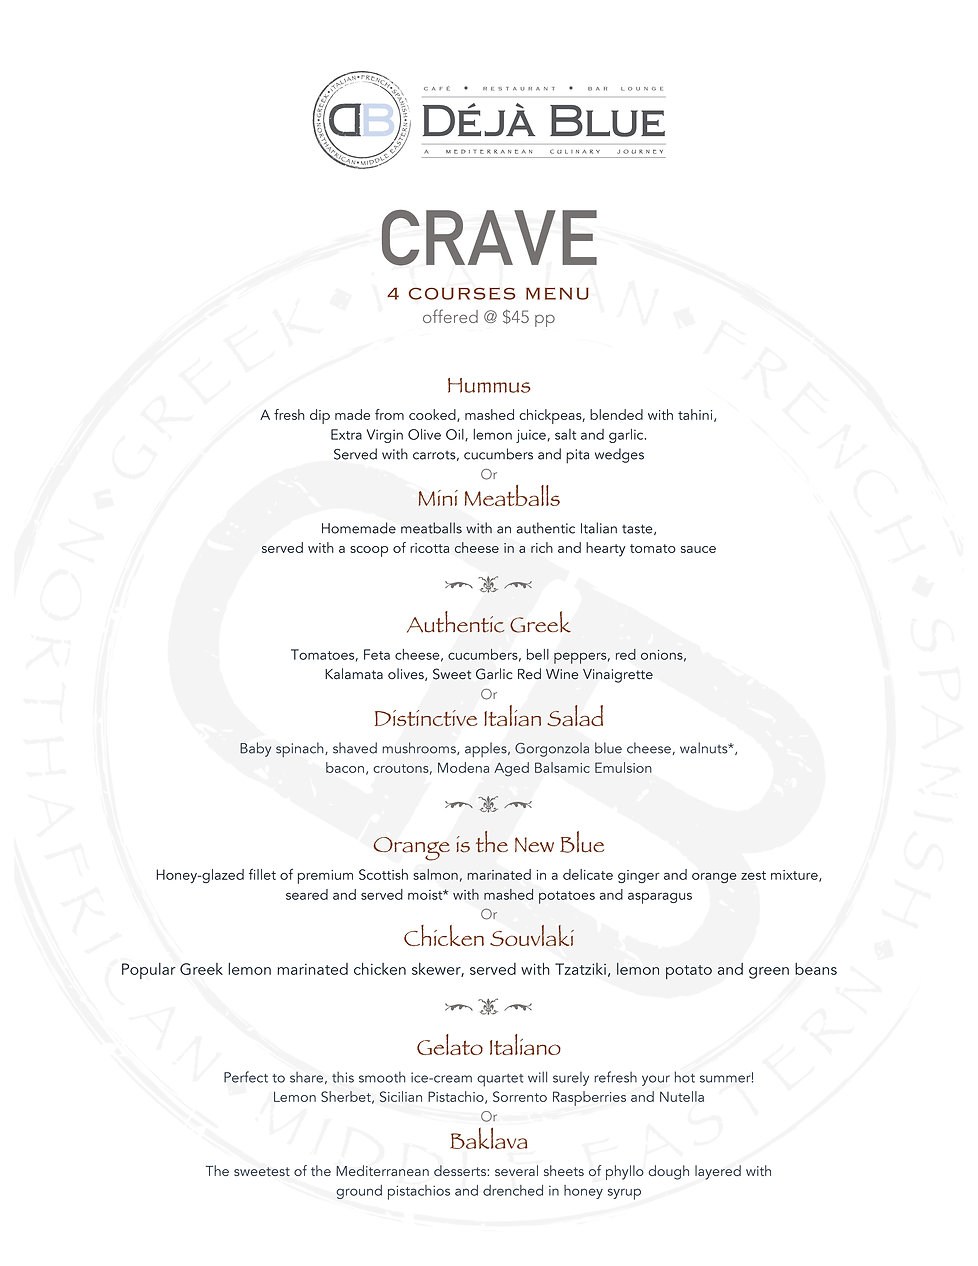 Crave Menus 2019_Page_1.jpg